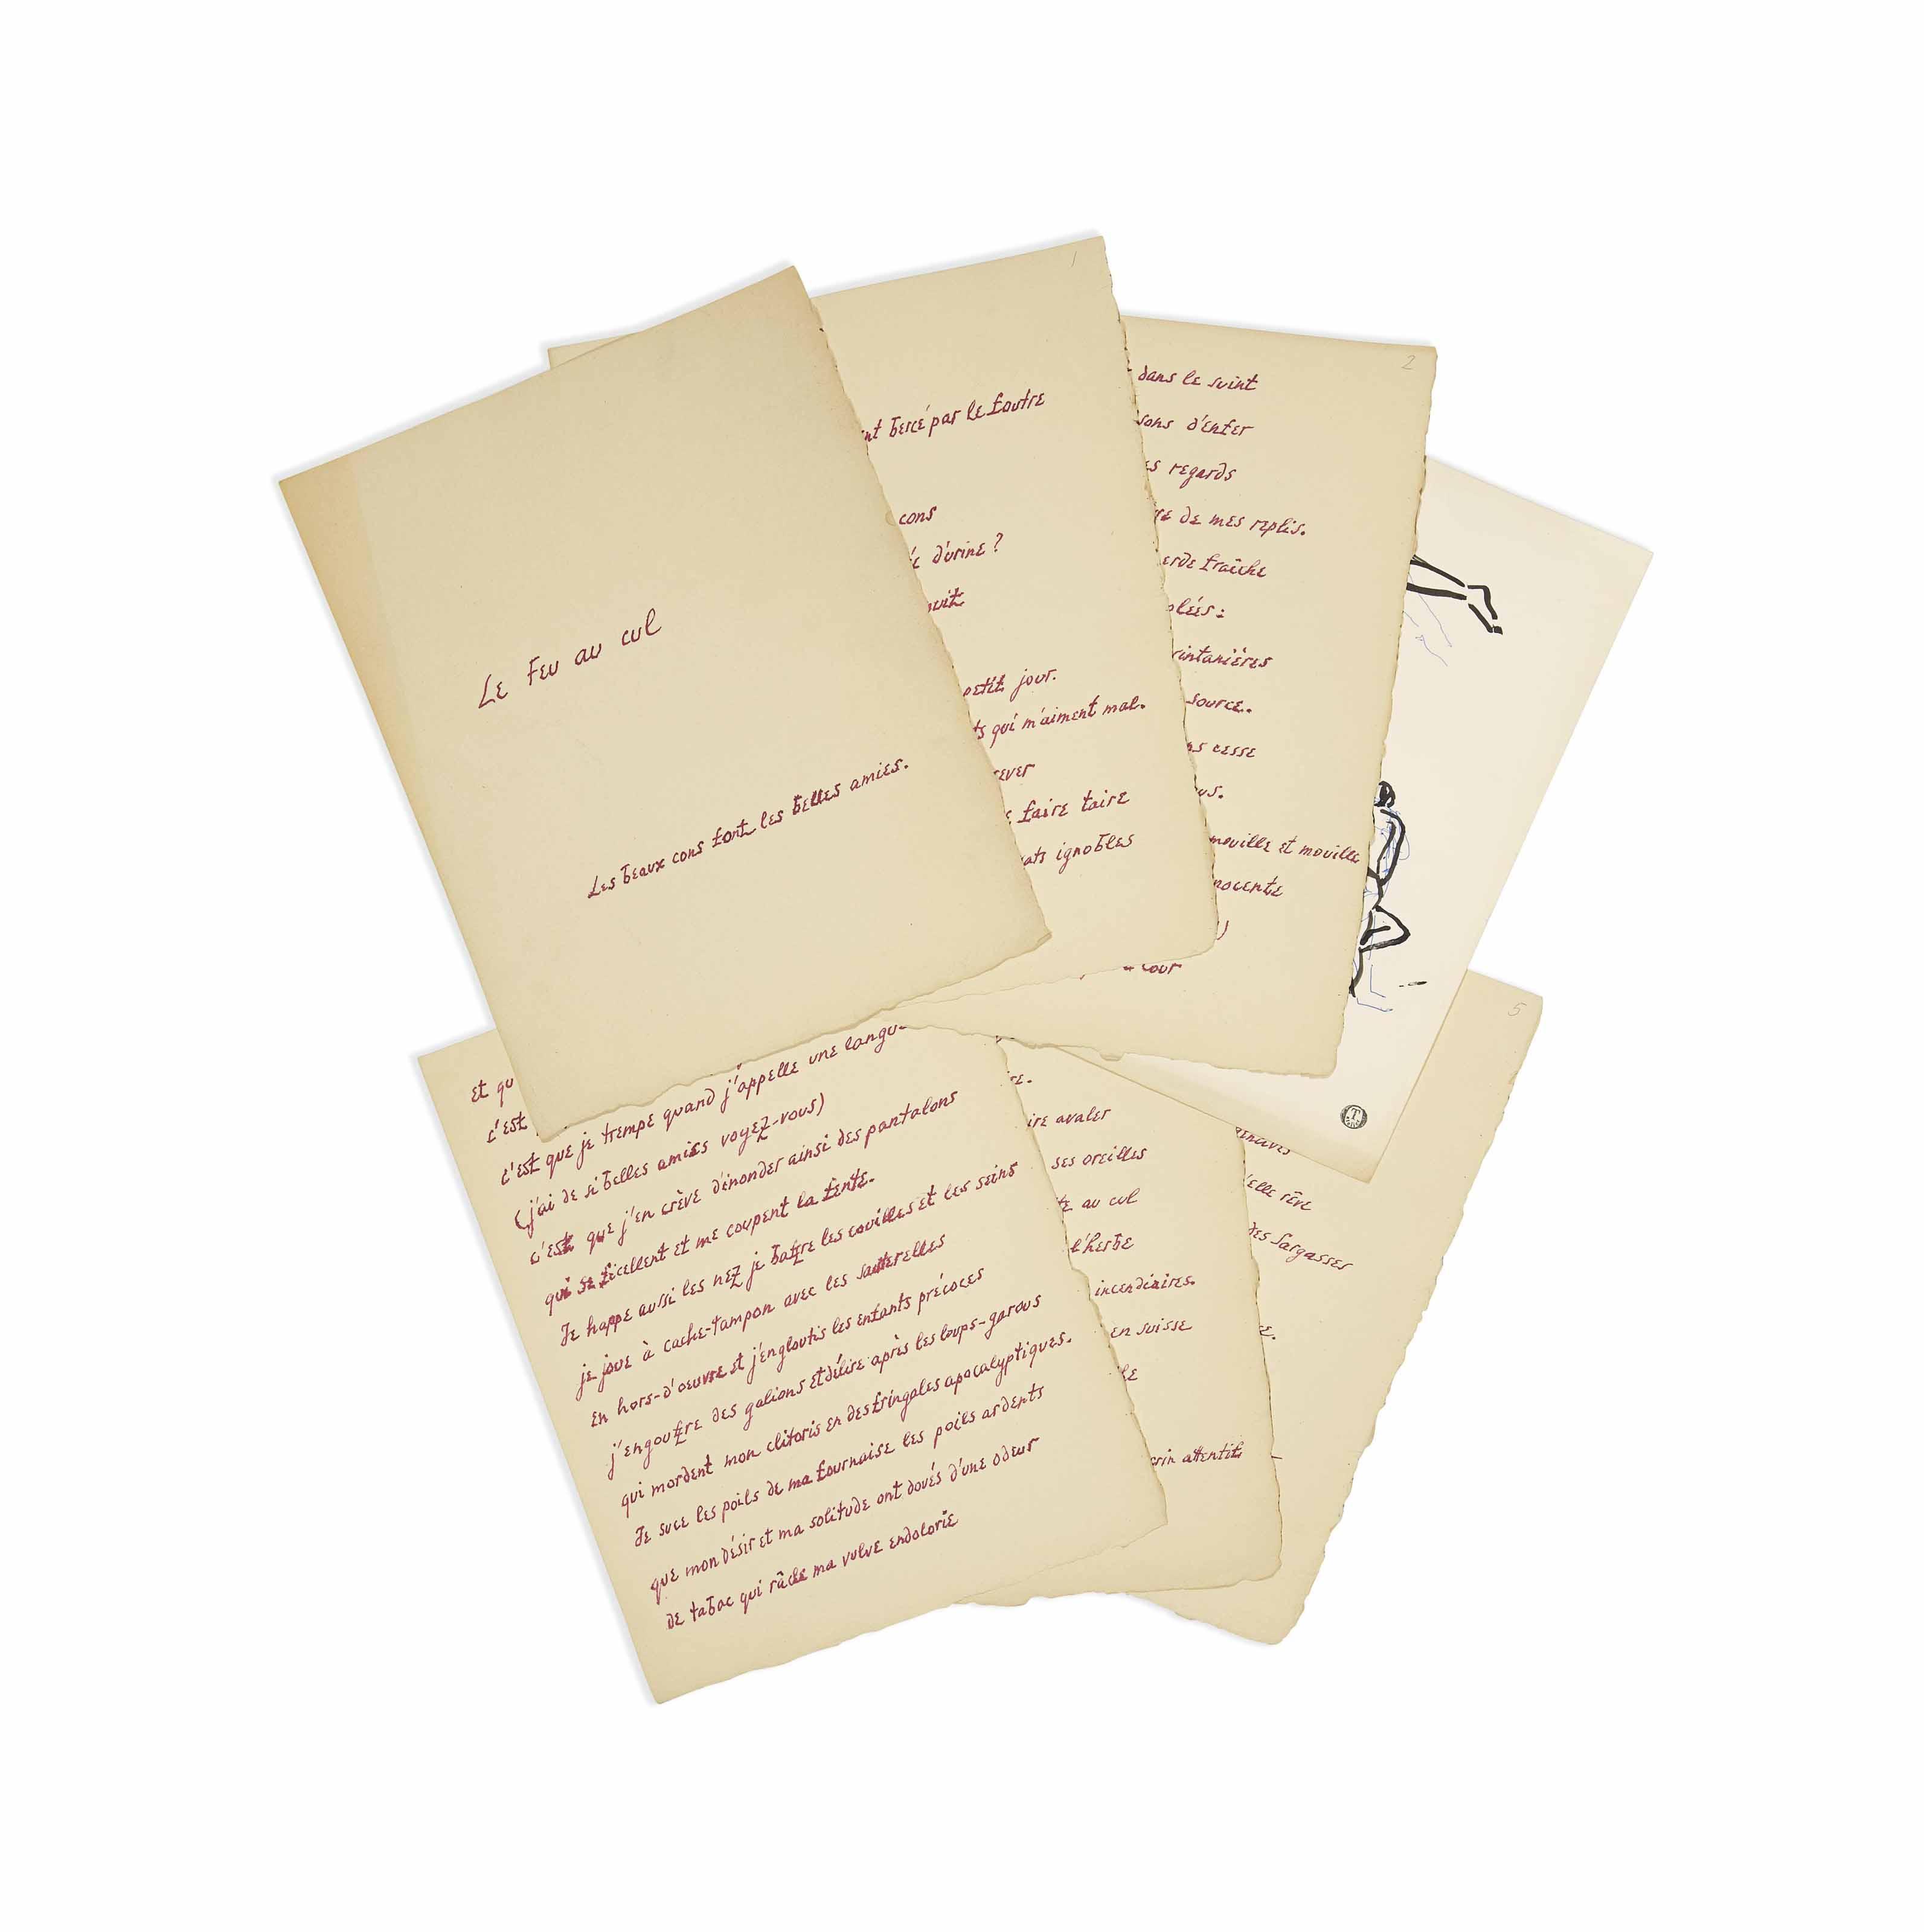 """HUGNET, Georges (1906-1974). Le Feu au cul. Manuscrit autographe signé et daté """"Georges Hugnet, 1932"""". 6 feuillets volants (titre et 5 feuillets de texte) in-4 (287 x 225 mm), encre rouge sur papier."""